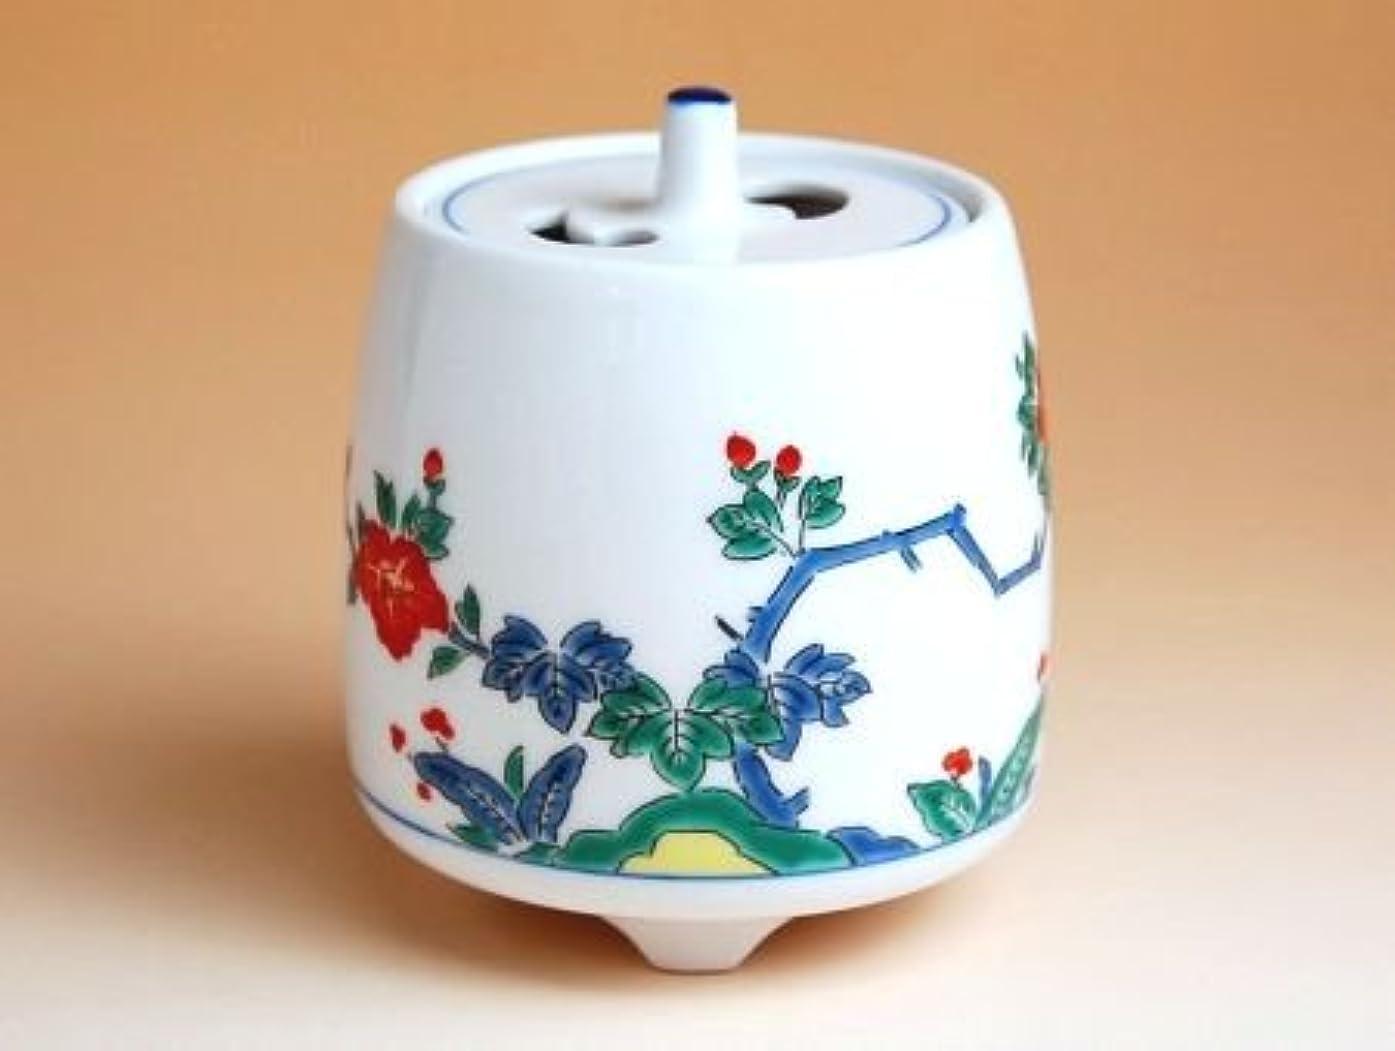 めんどり裸抜本的な有田焼 牡丹 ミニ香炉(木箱付)【サイズ】高さ8cm